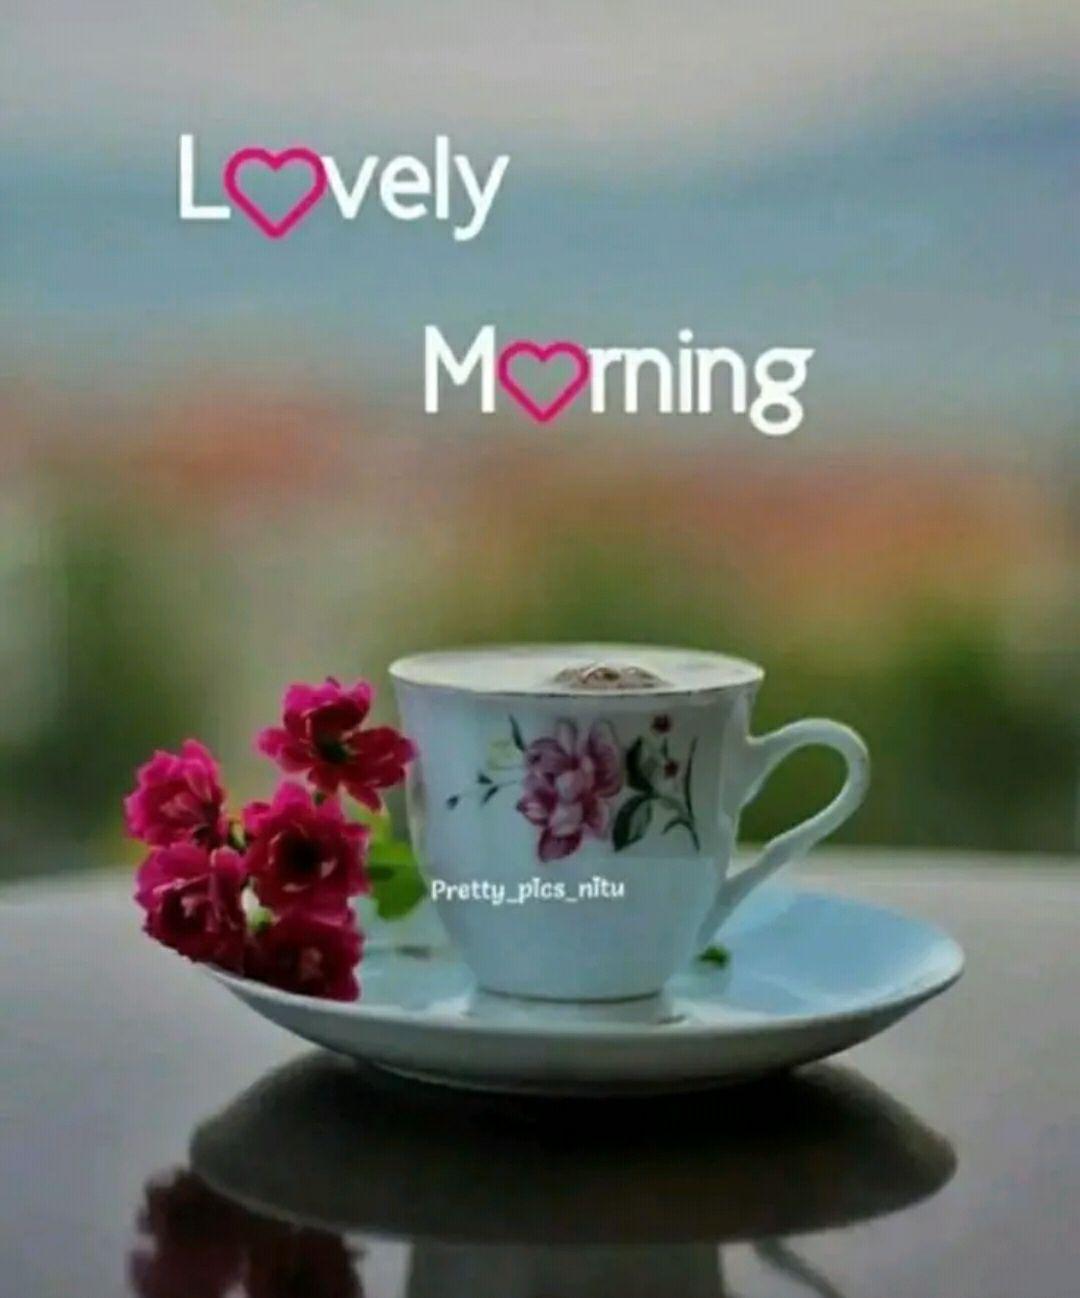 🌞காலை வணக்கம் - Lovely Morning Pretty _ plos _ nitu - ShareChat